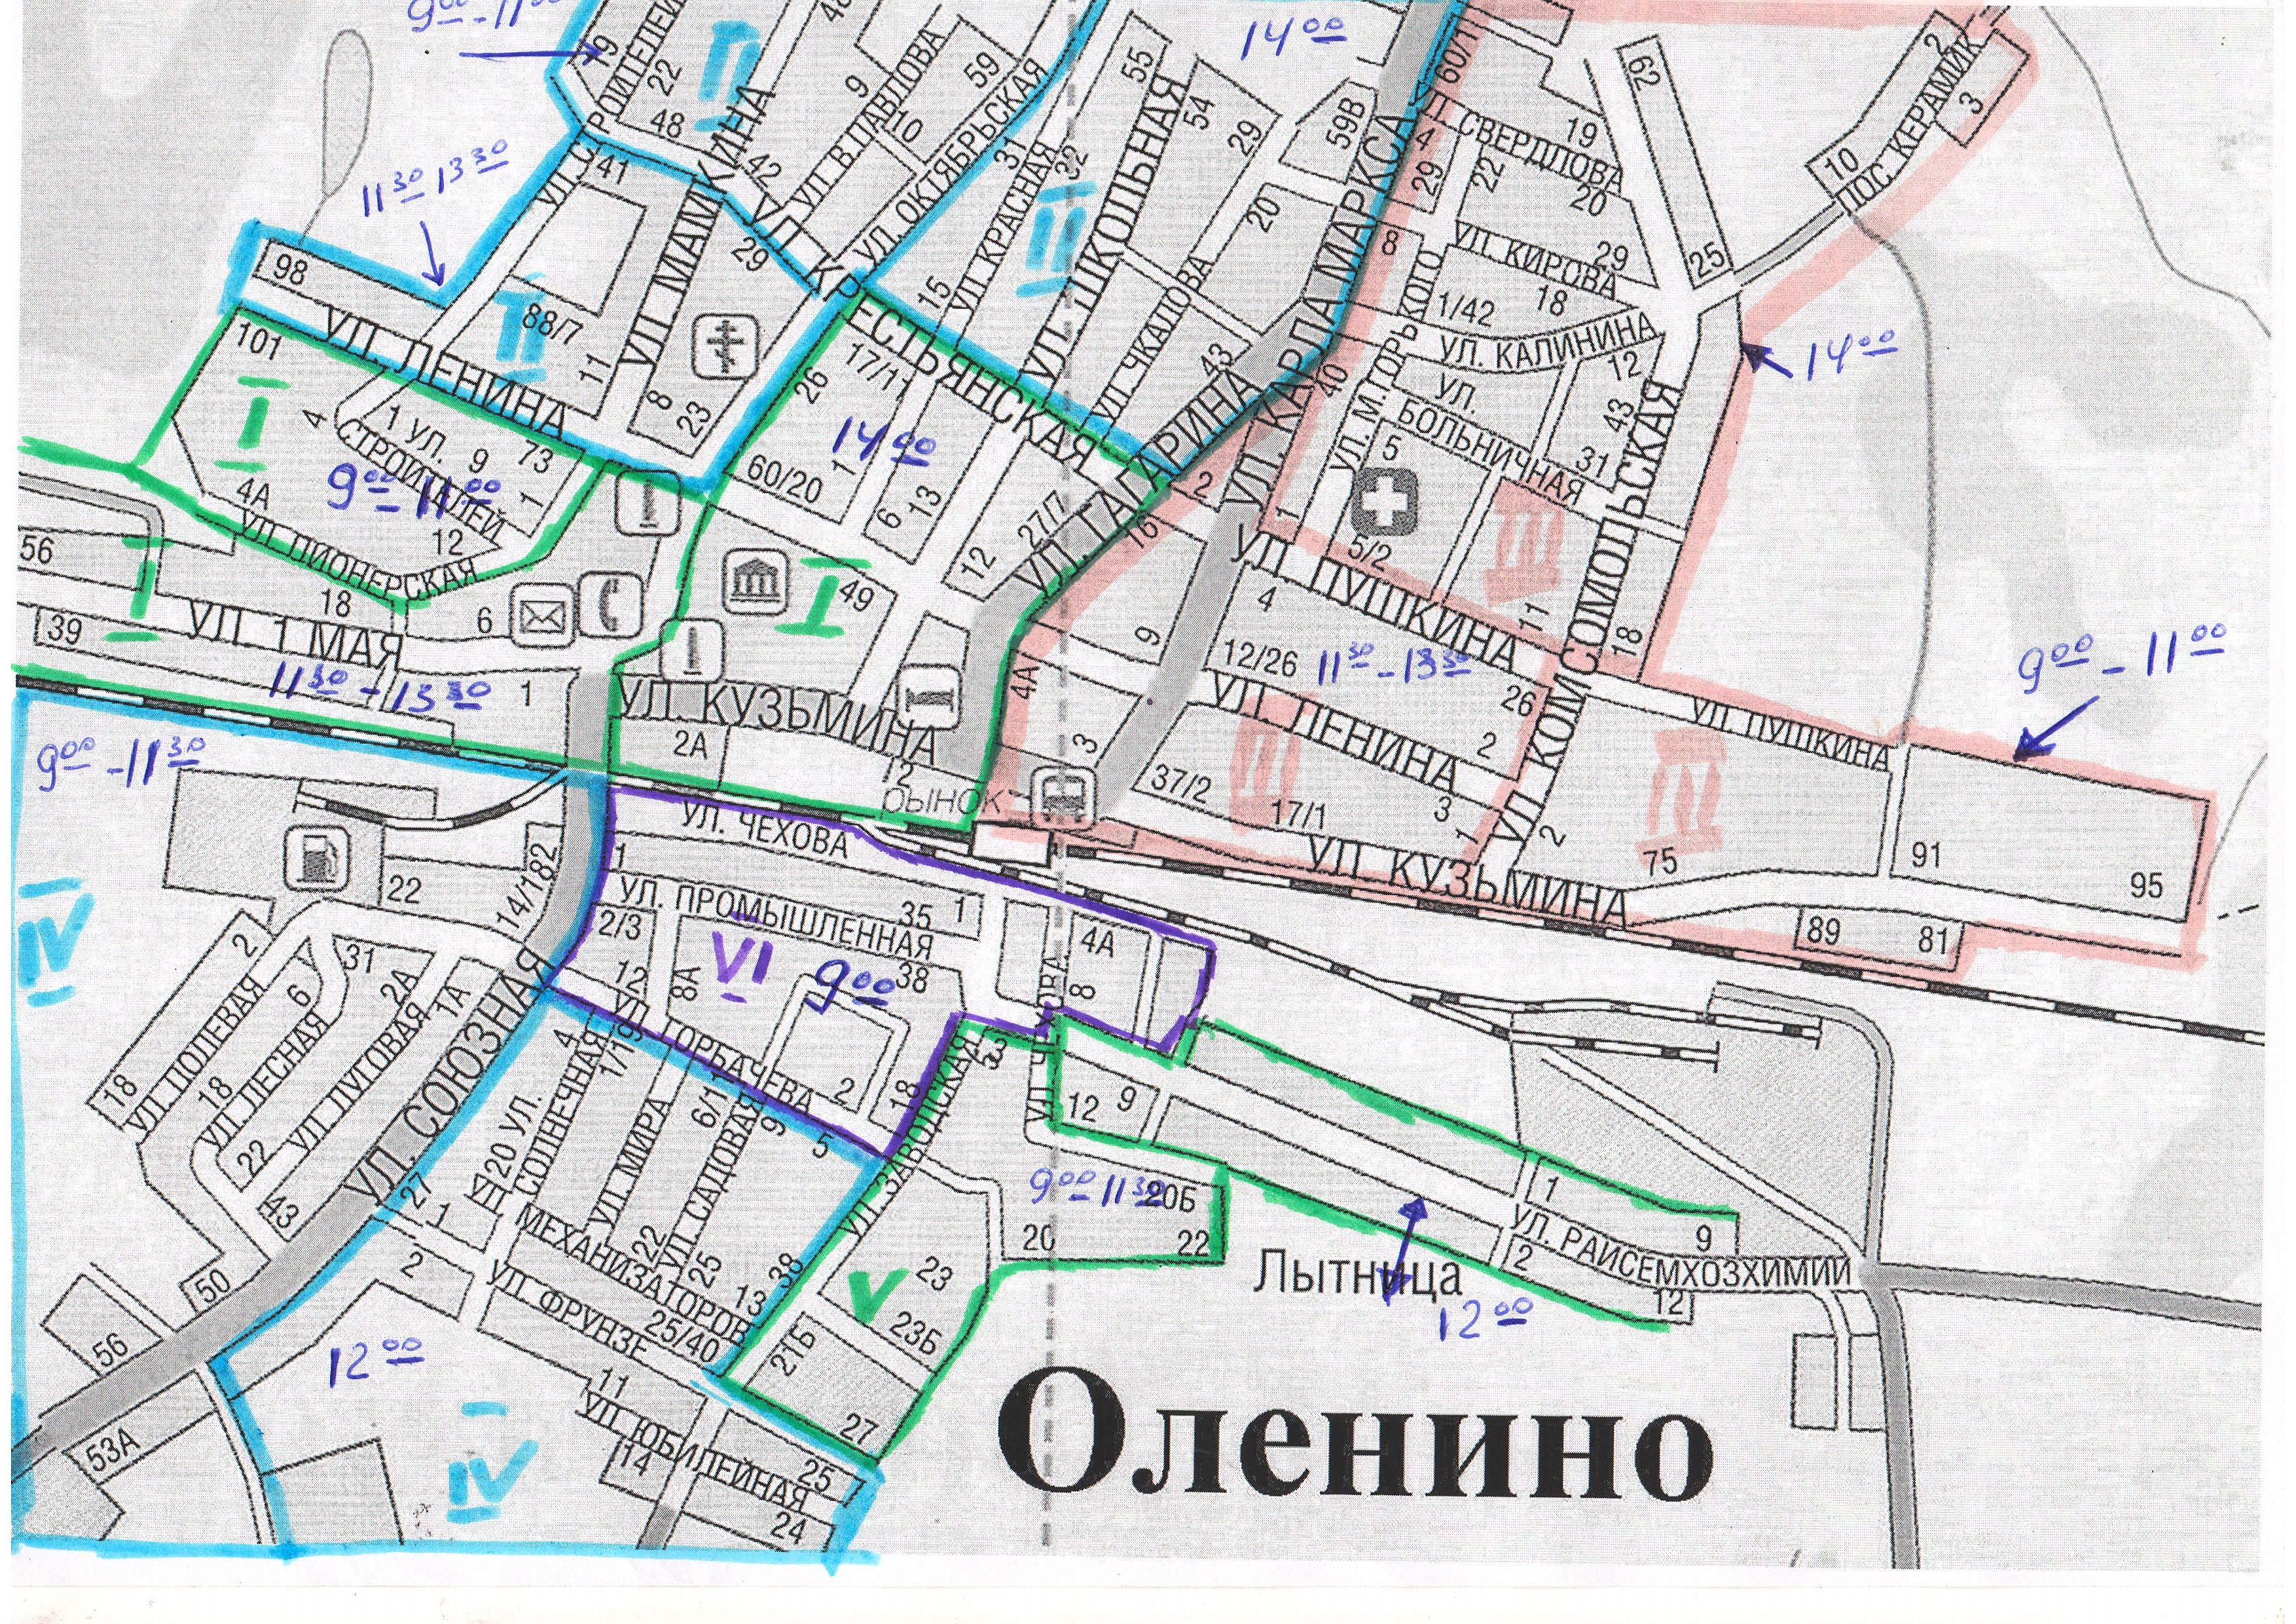 Схема работы техники в Субботник